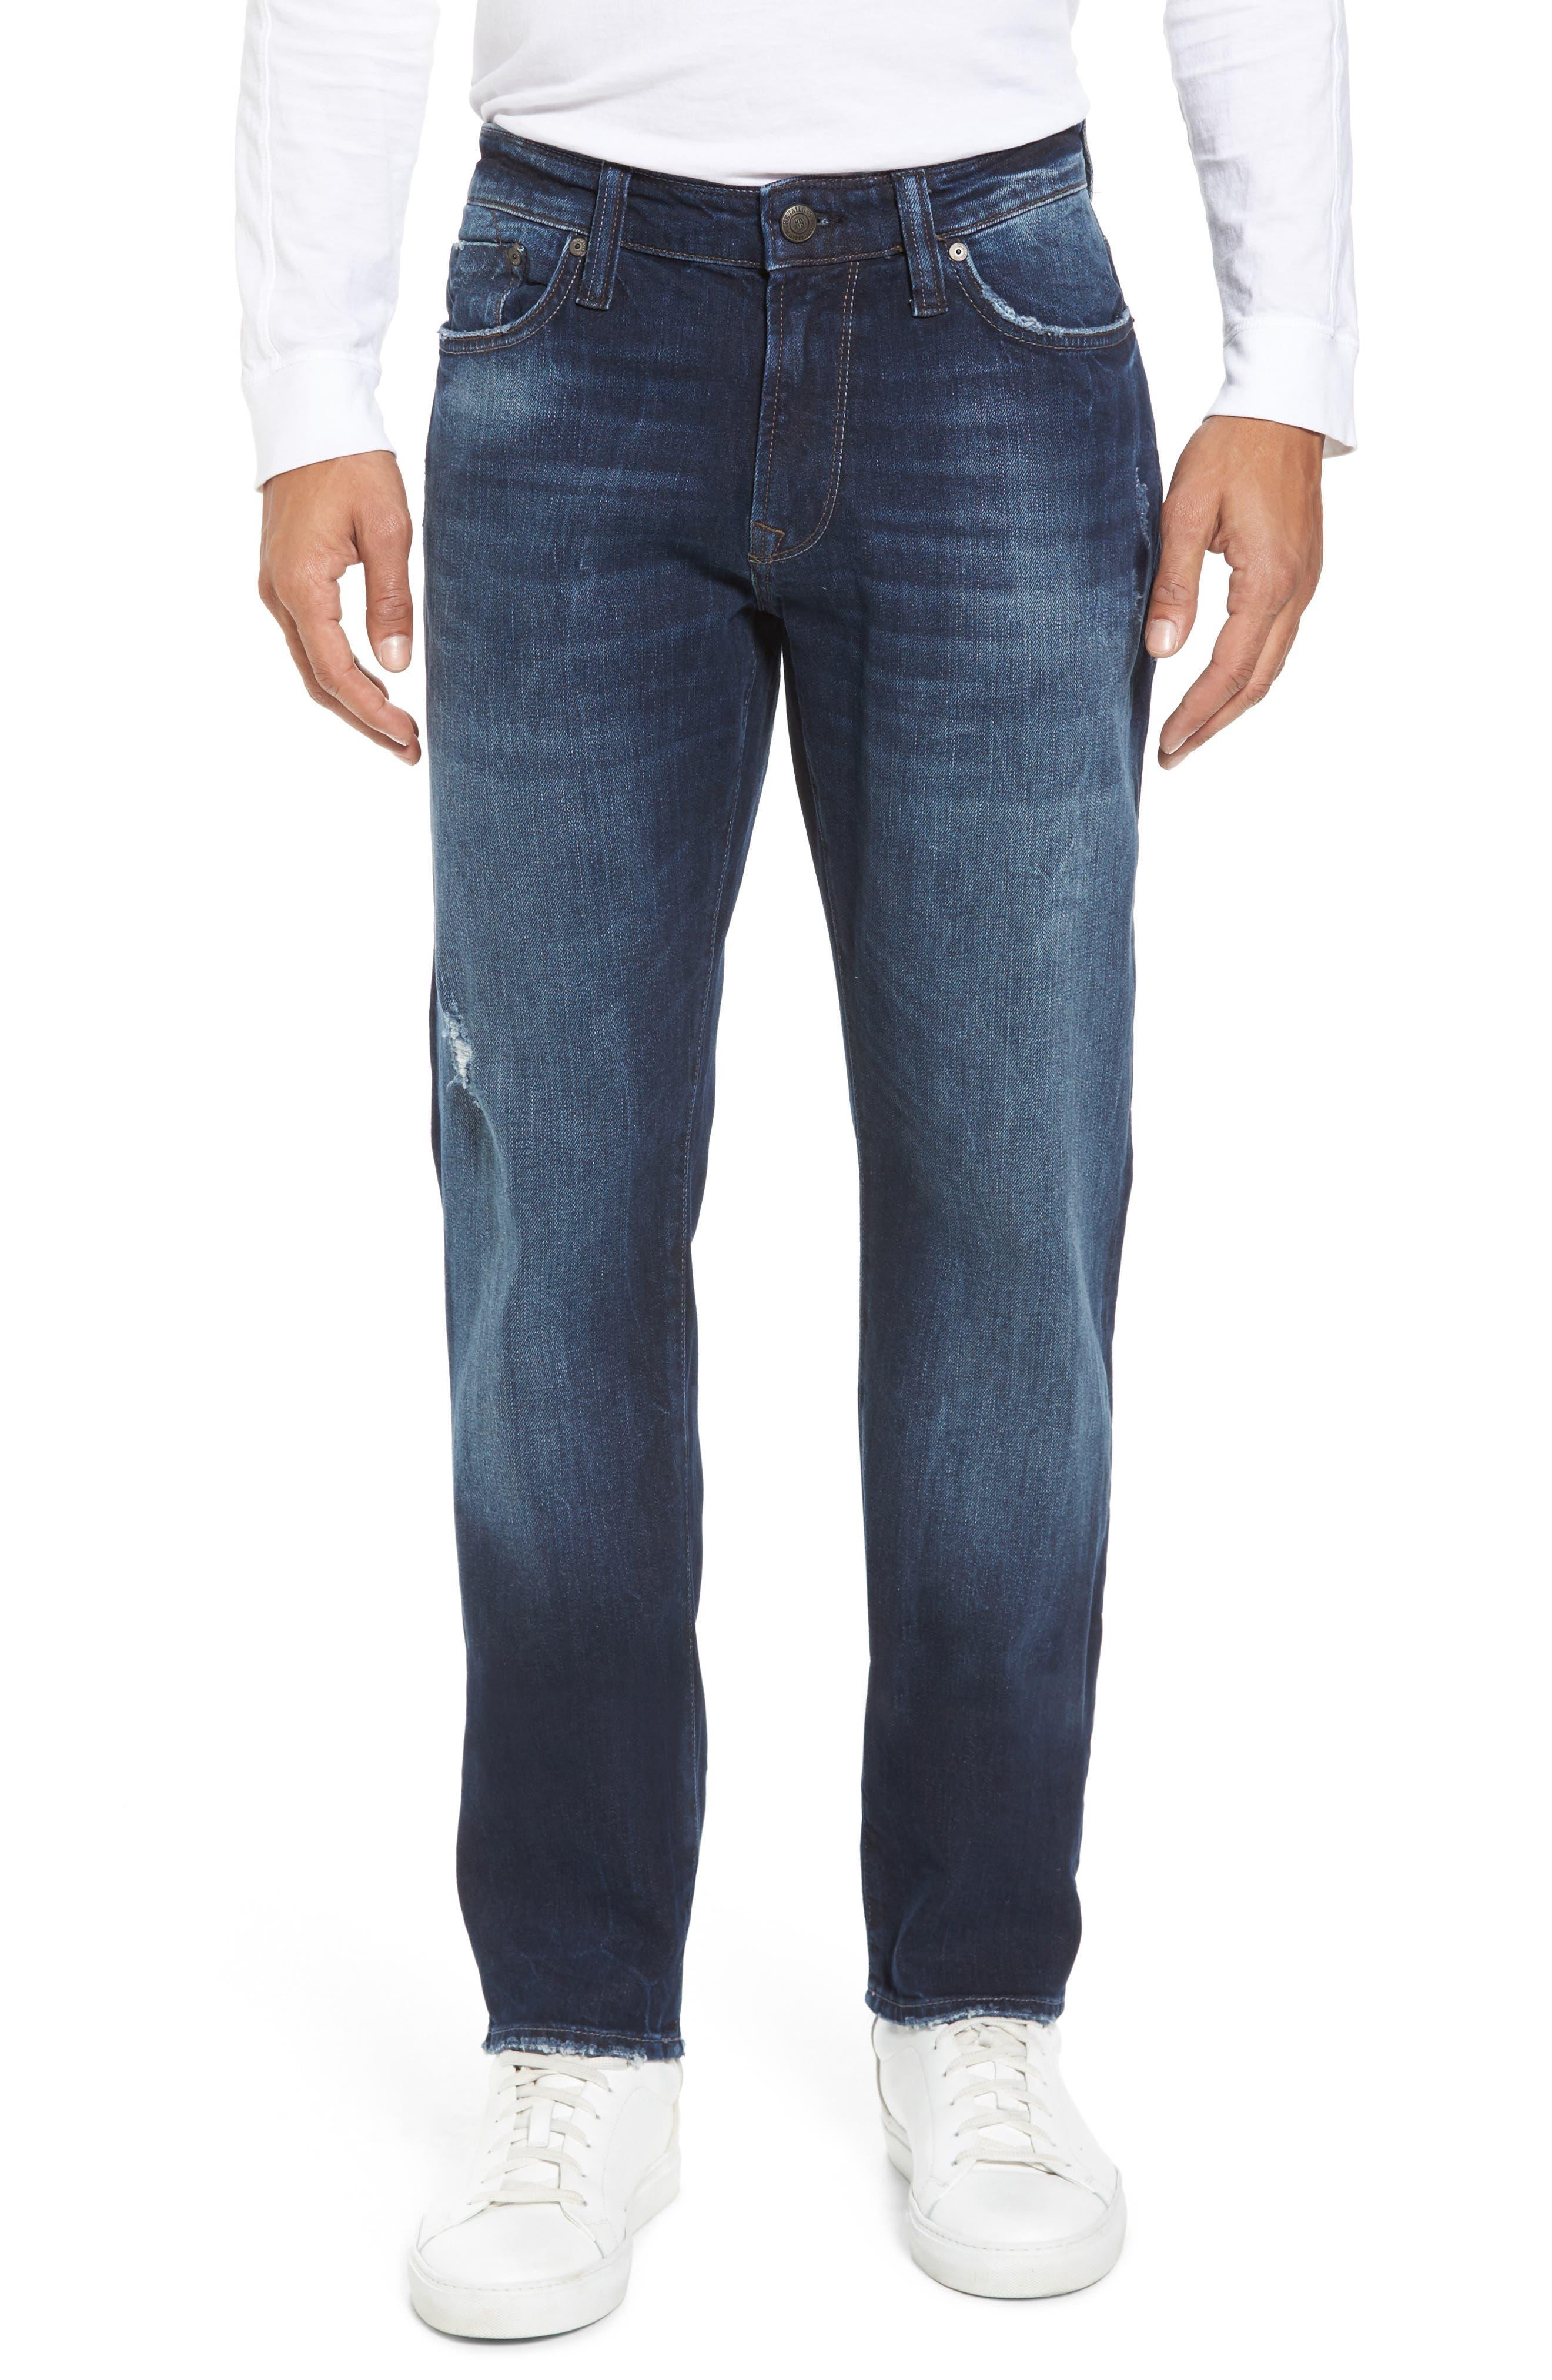 Marcus Slim Straight Leg Jeans,                         Main,                         color, Deep Authentic Vintage